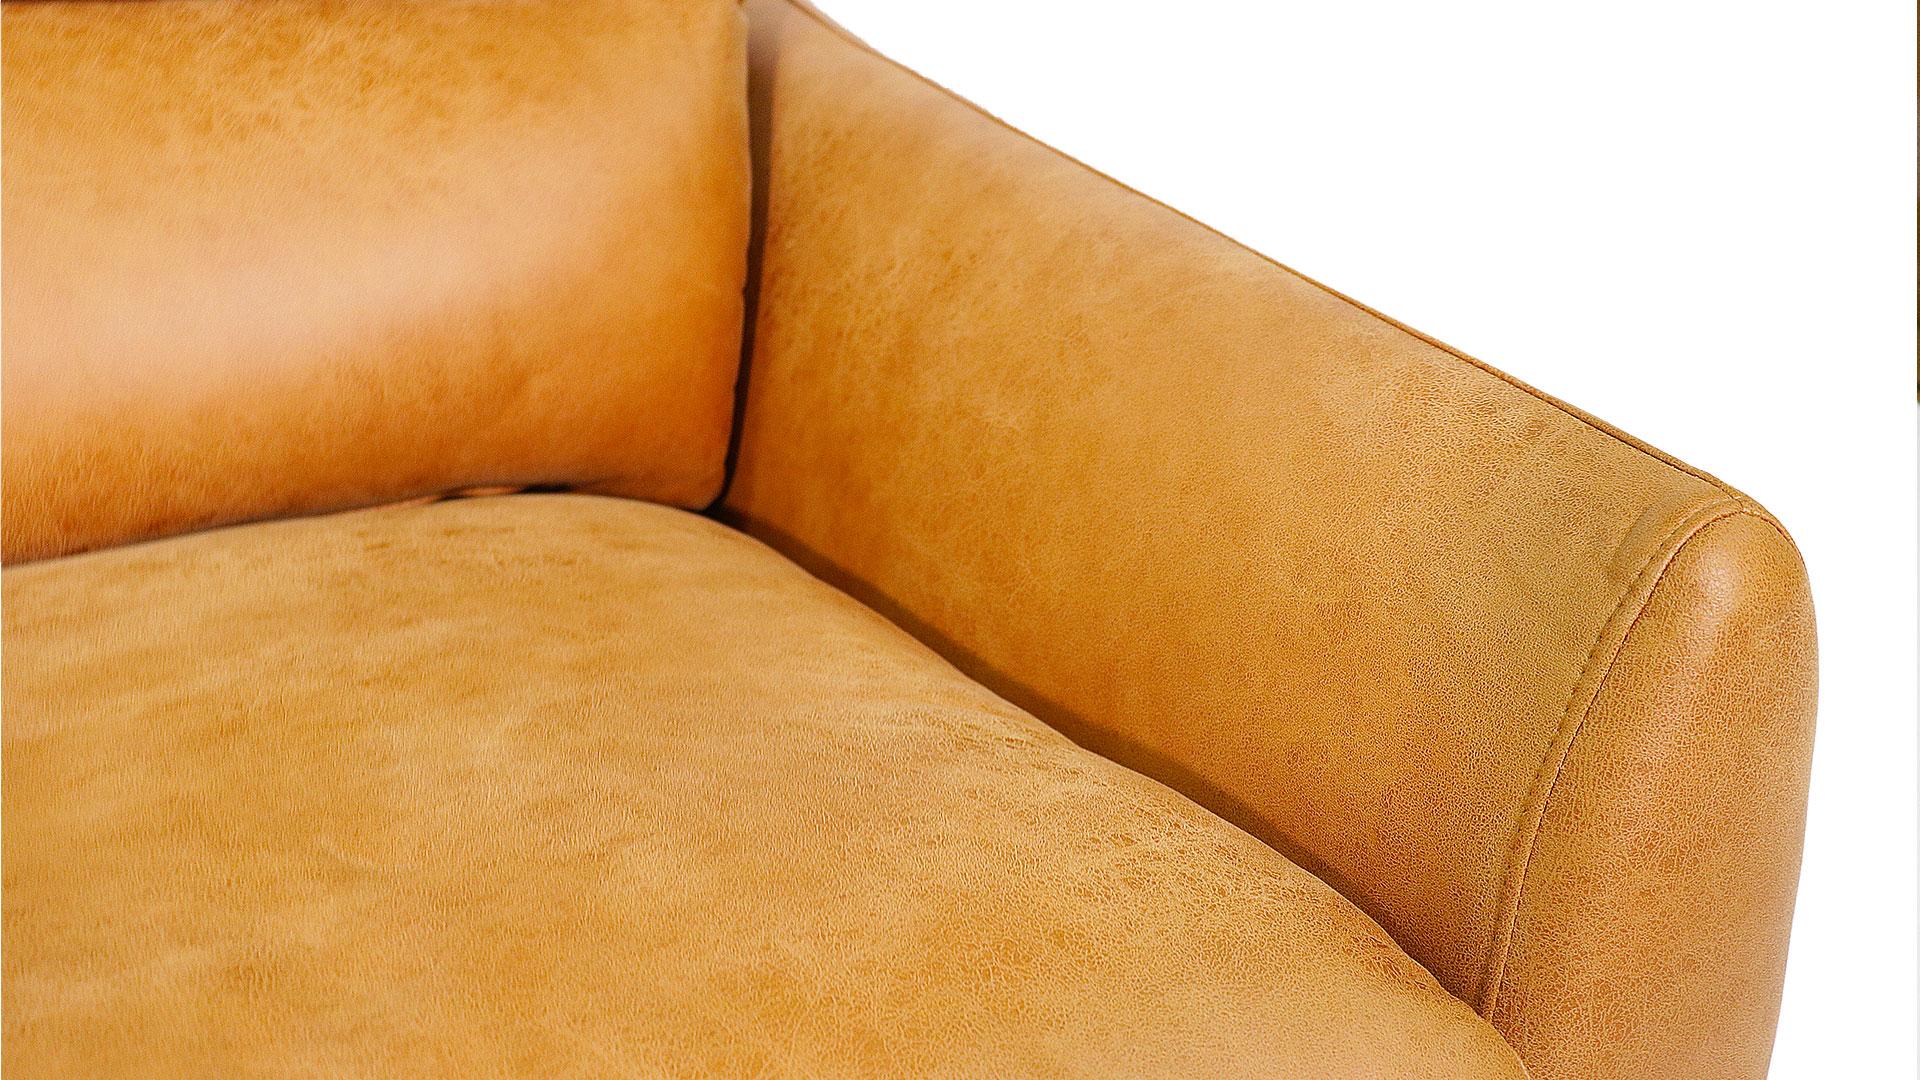 ふんわりハイバックのask-inのソファ「ルーク」の肘をアップで撮影した画像